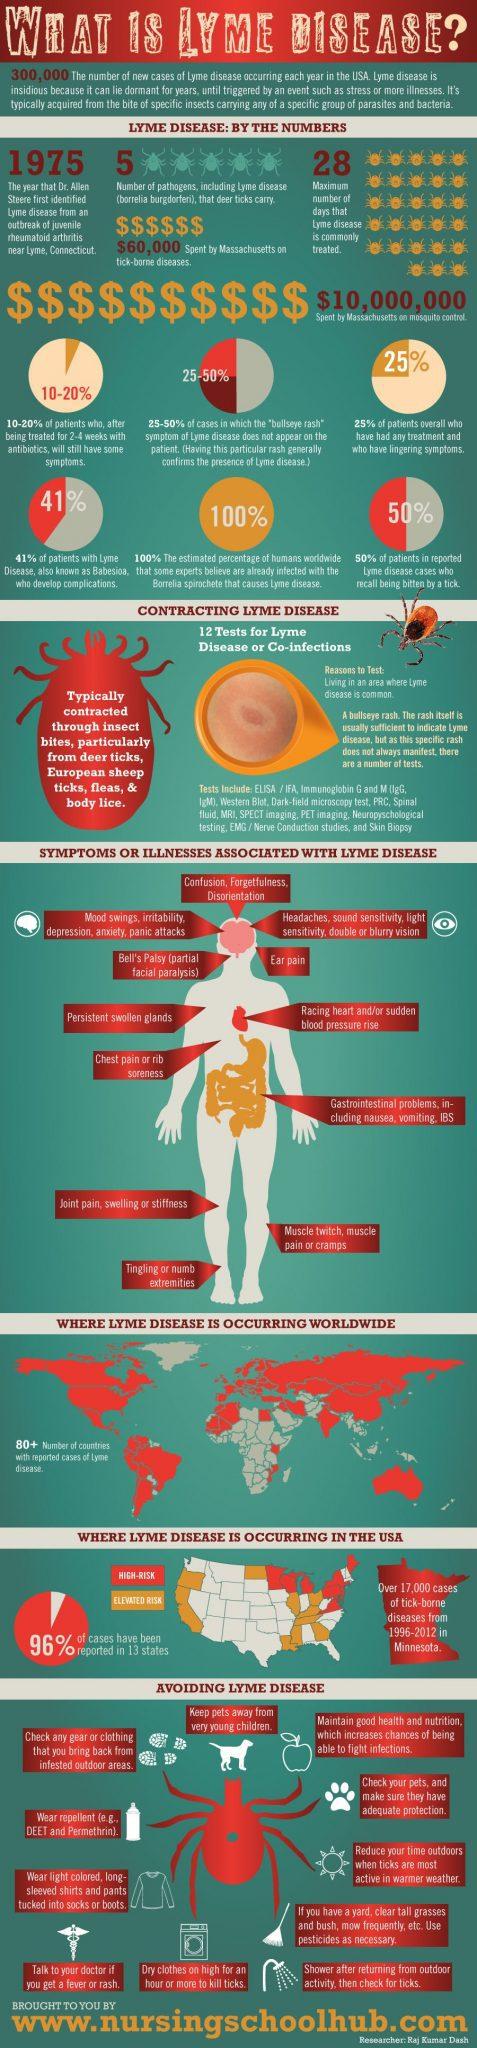 What is Lyme Disease